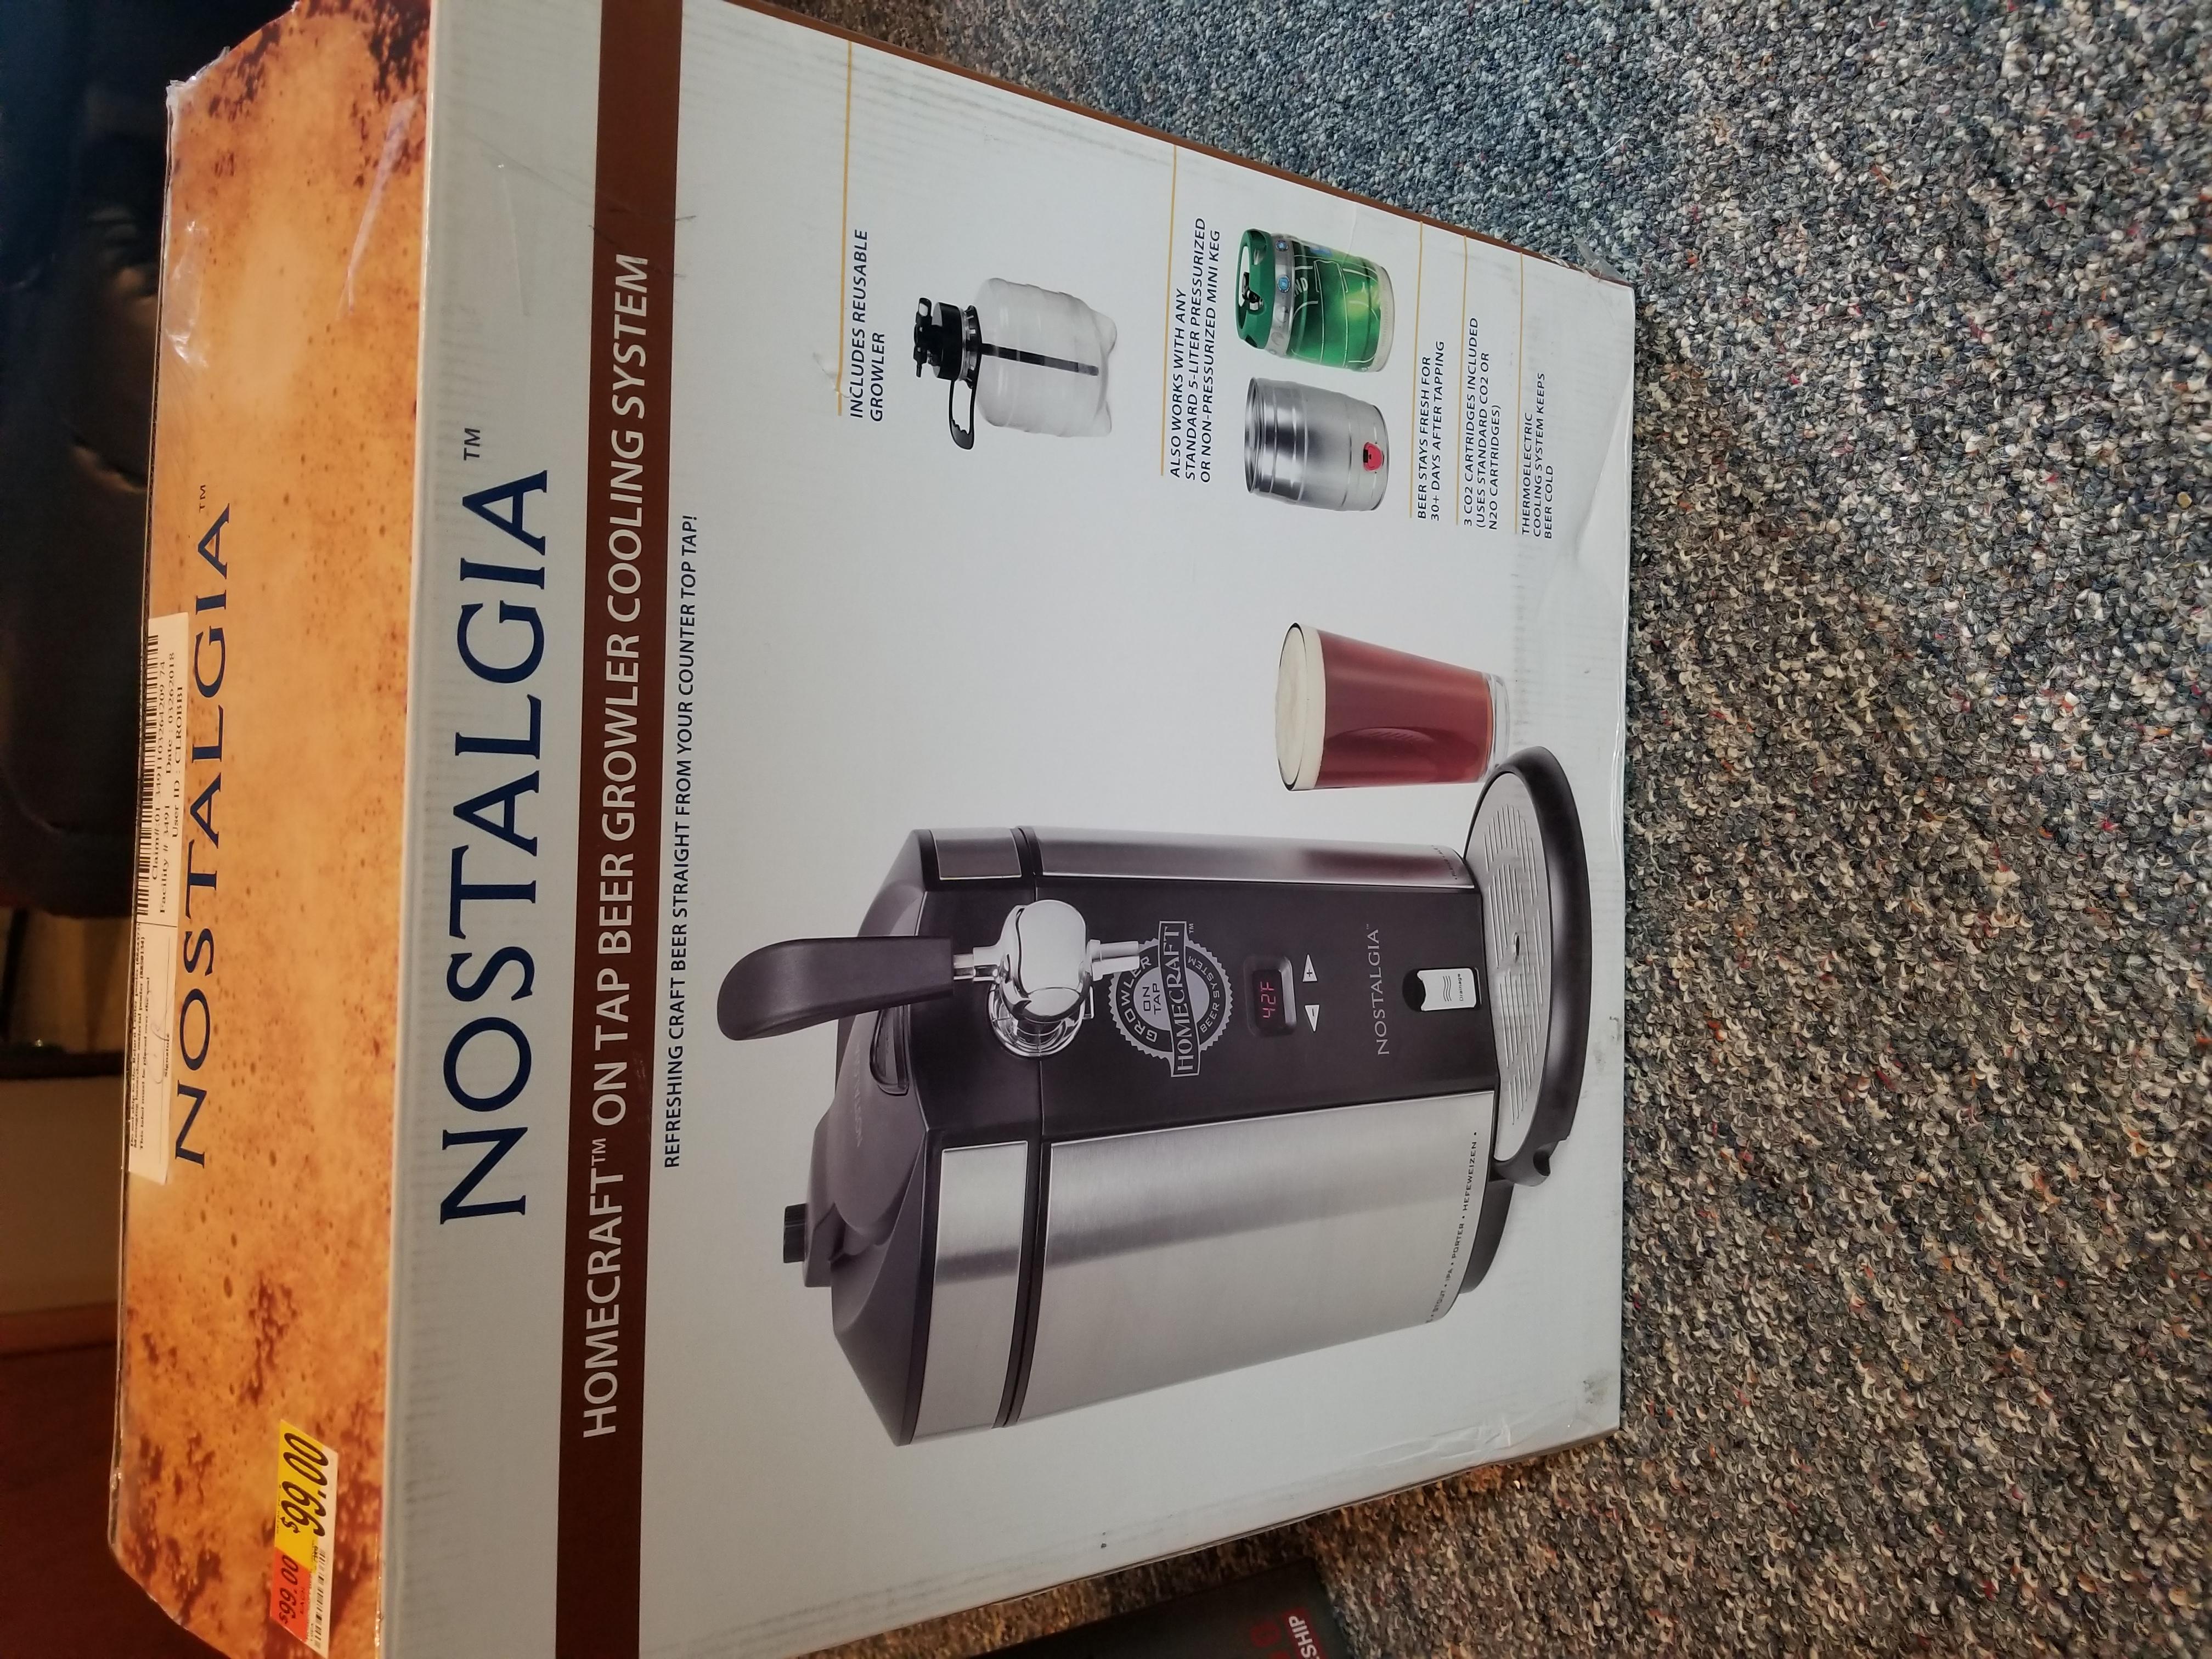 Nostalgia Beer Cooling system